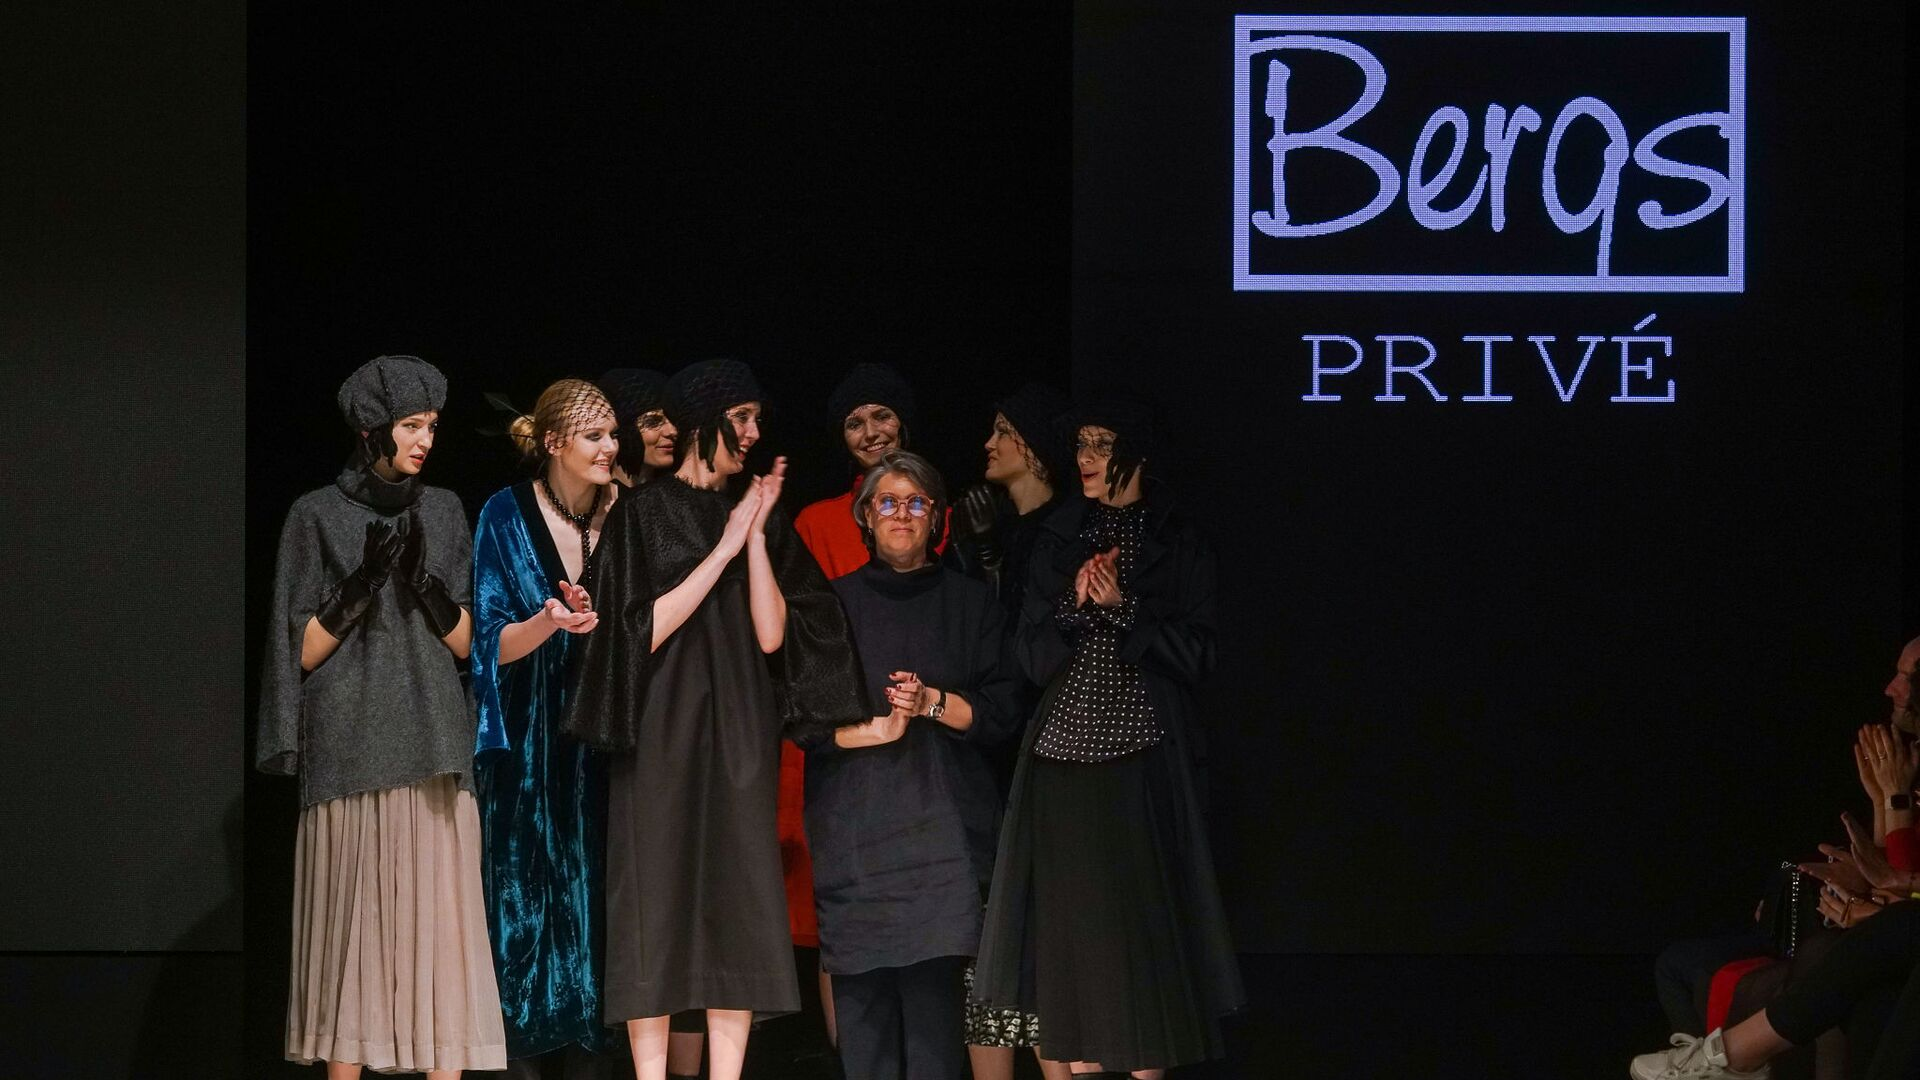 Показ одежды модного бренда Bergs Privé - Sputnik Латвия, 1920, 13.10.2021